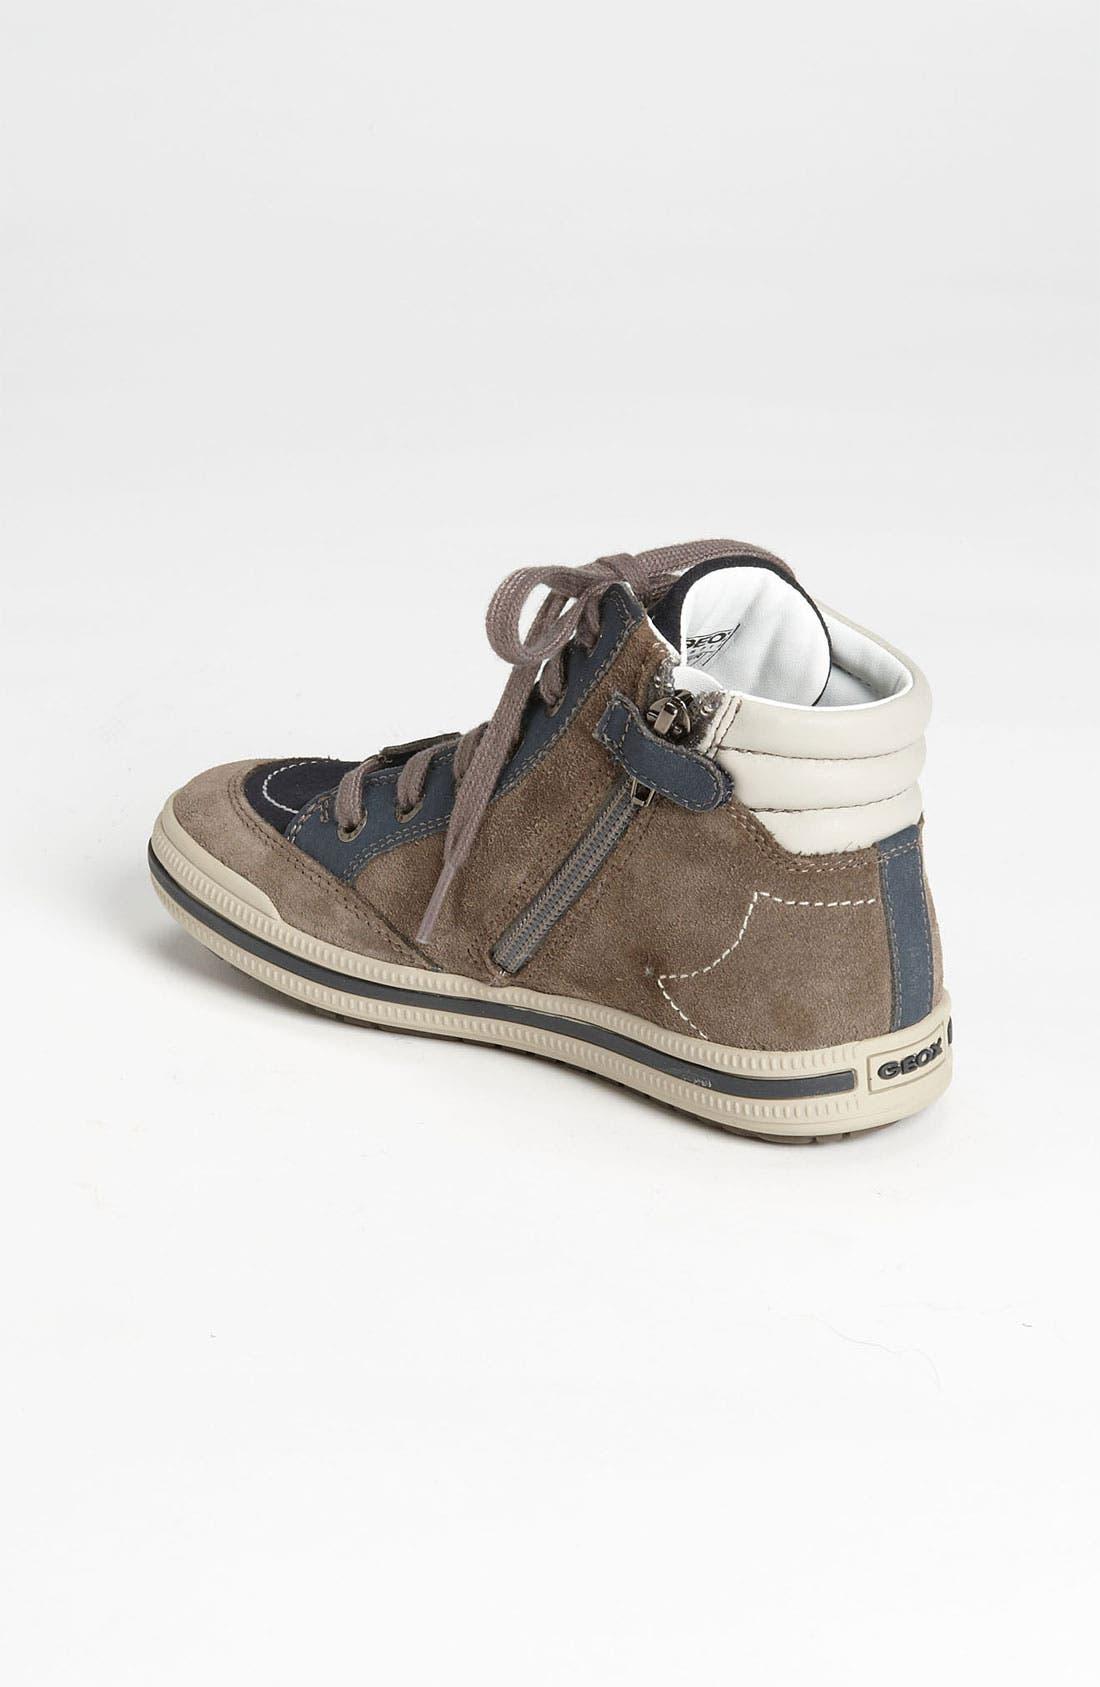 Alternate Image 2  - Geox High Top Sneaker (Toddler, Little Kid & Big Kid)